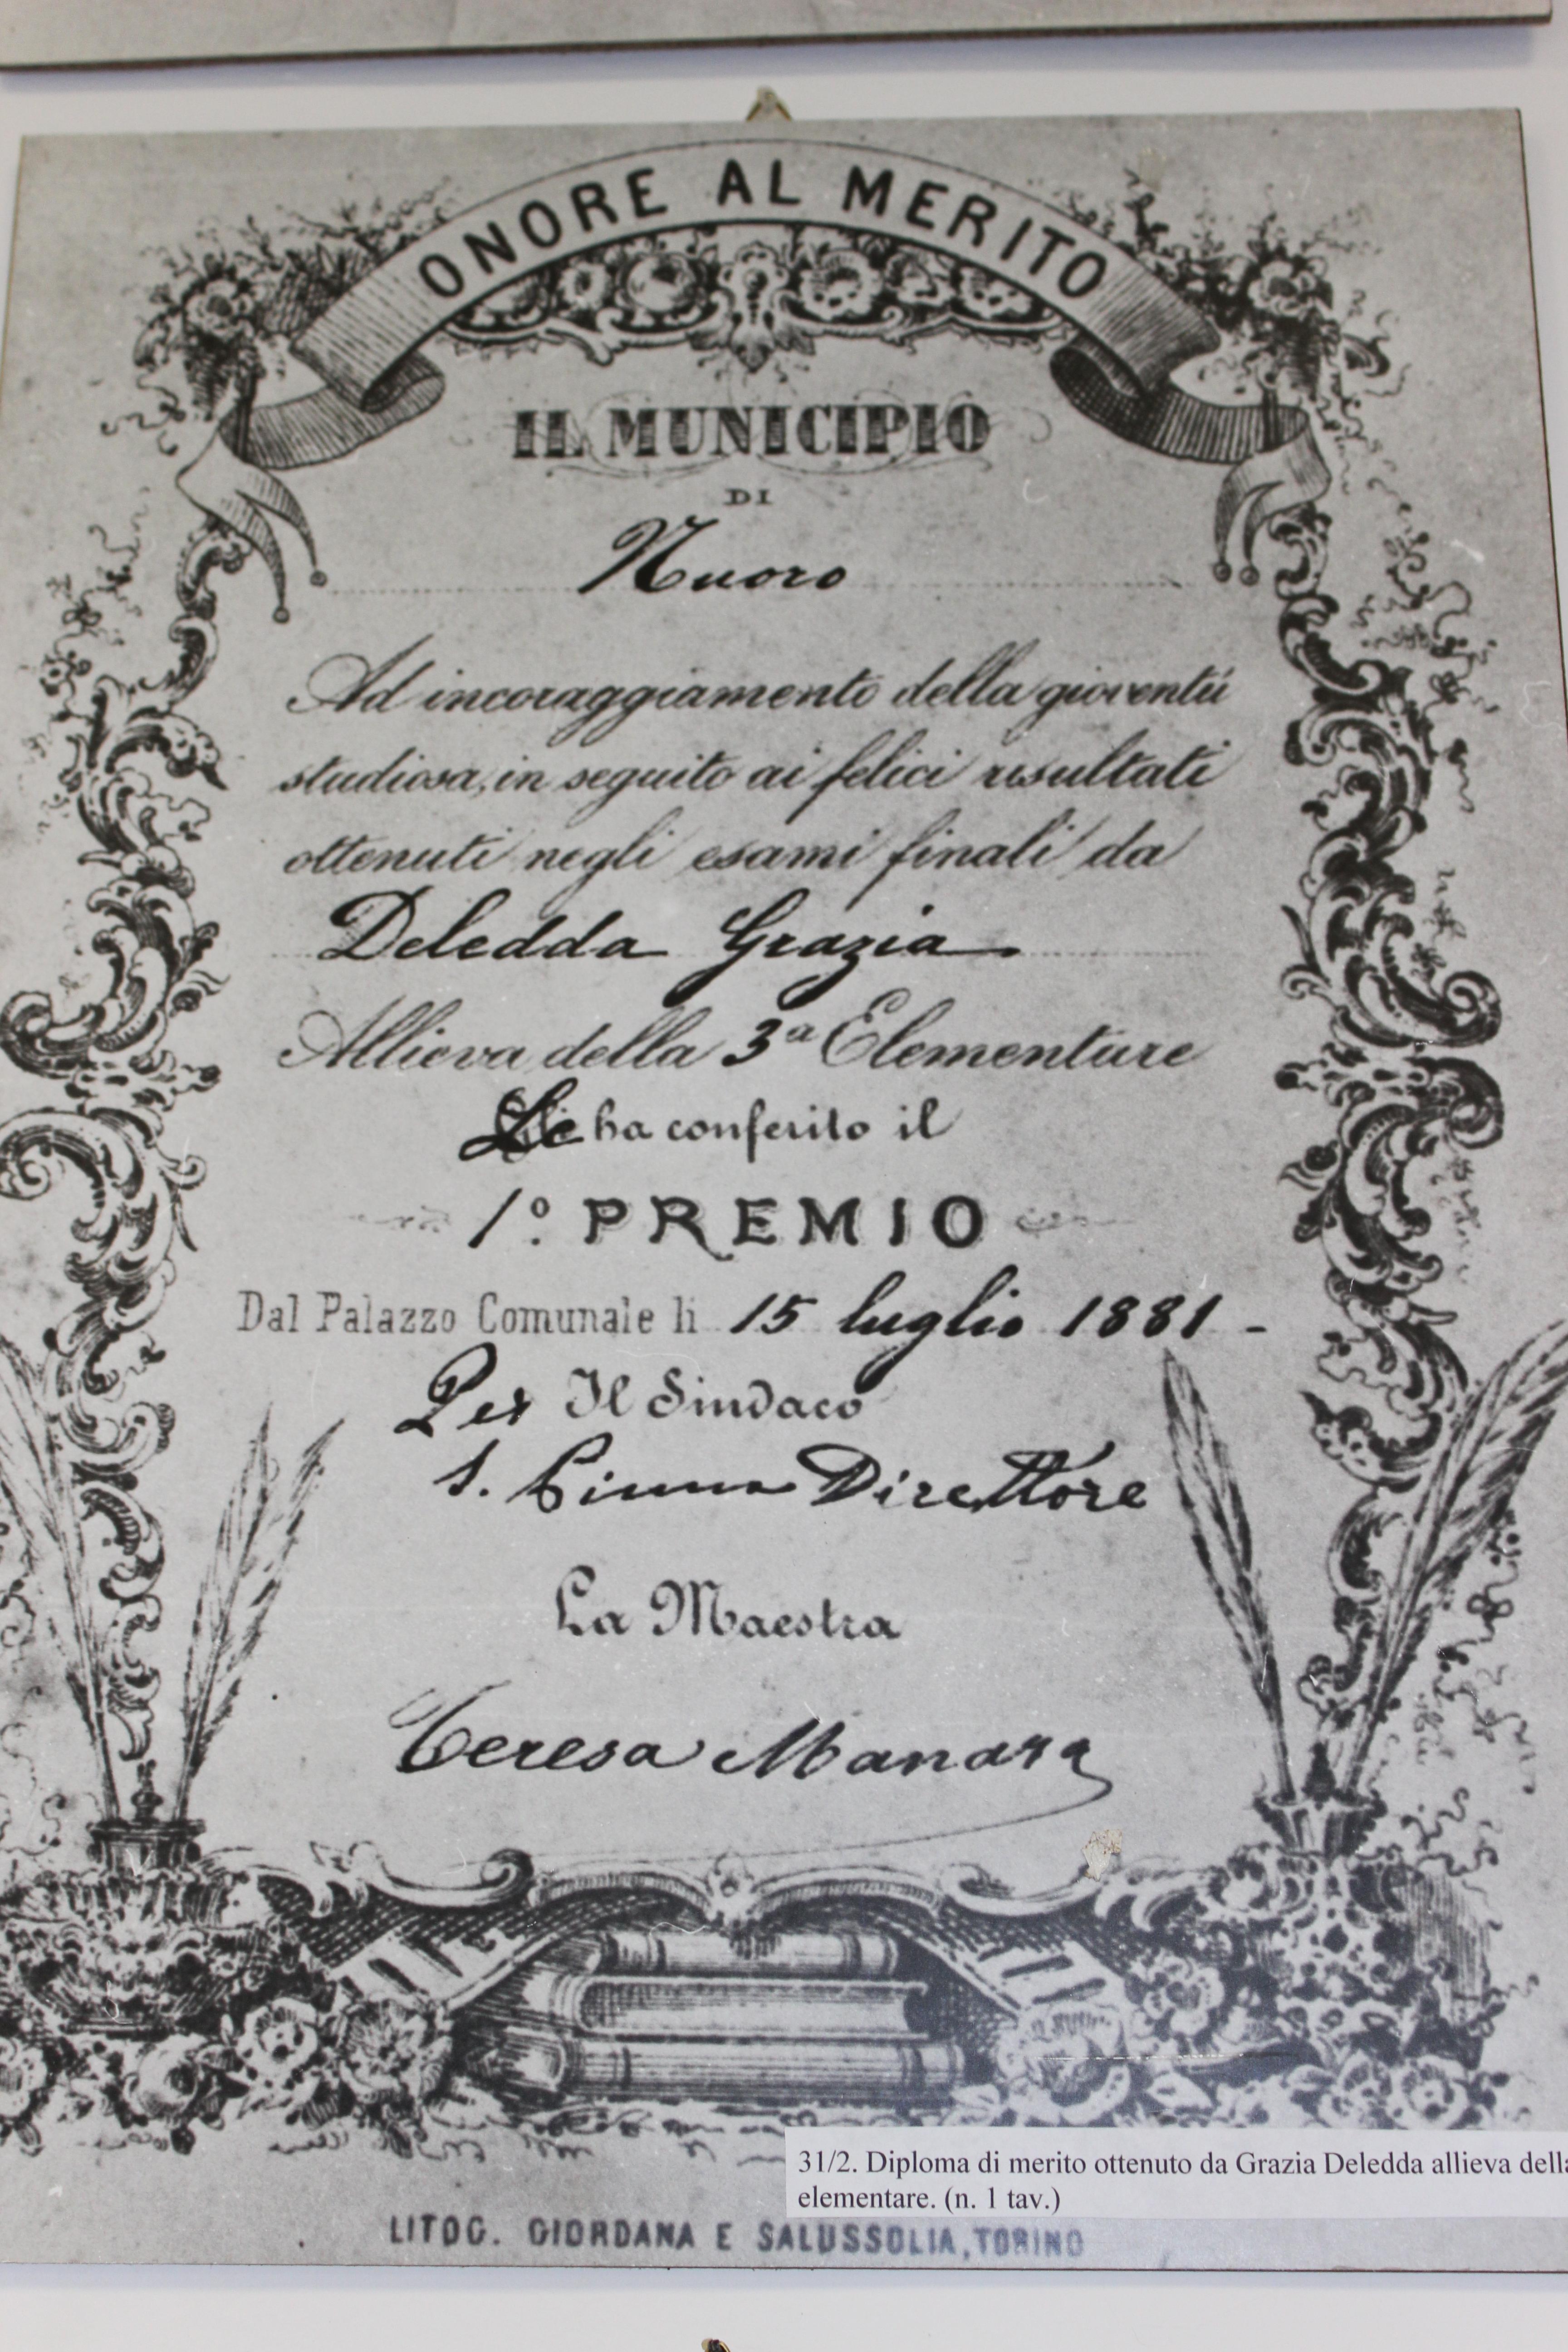 Grazia Deledda 117